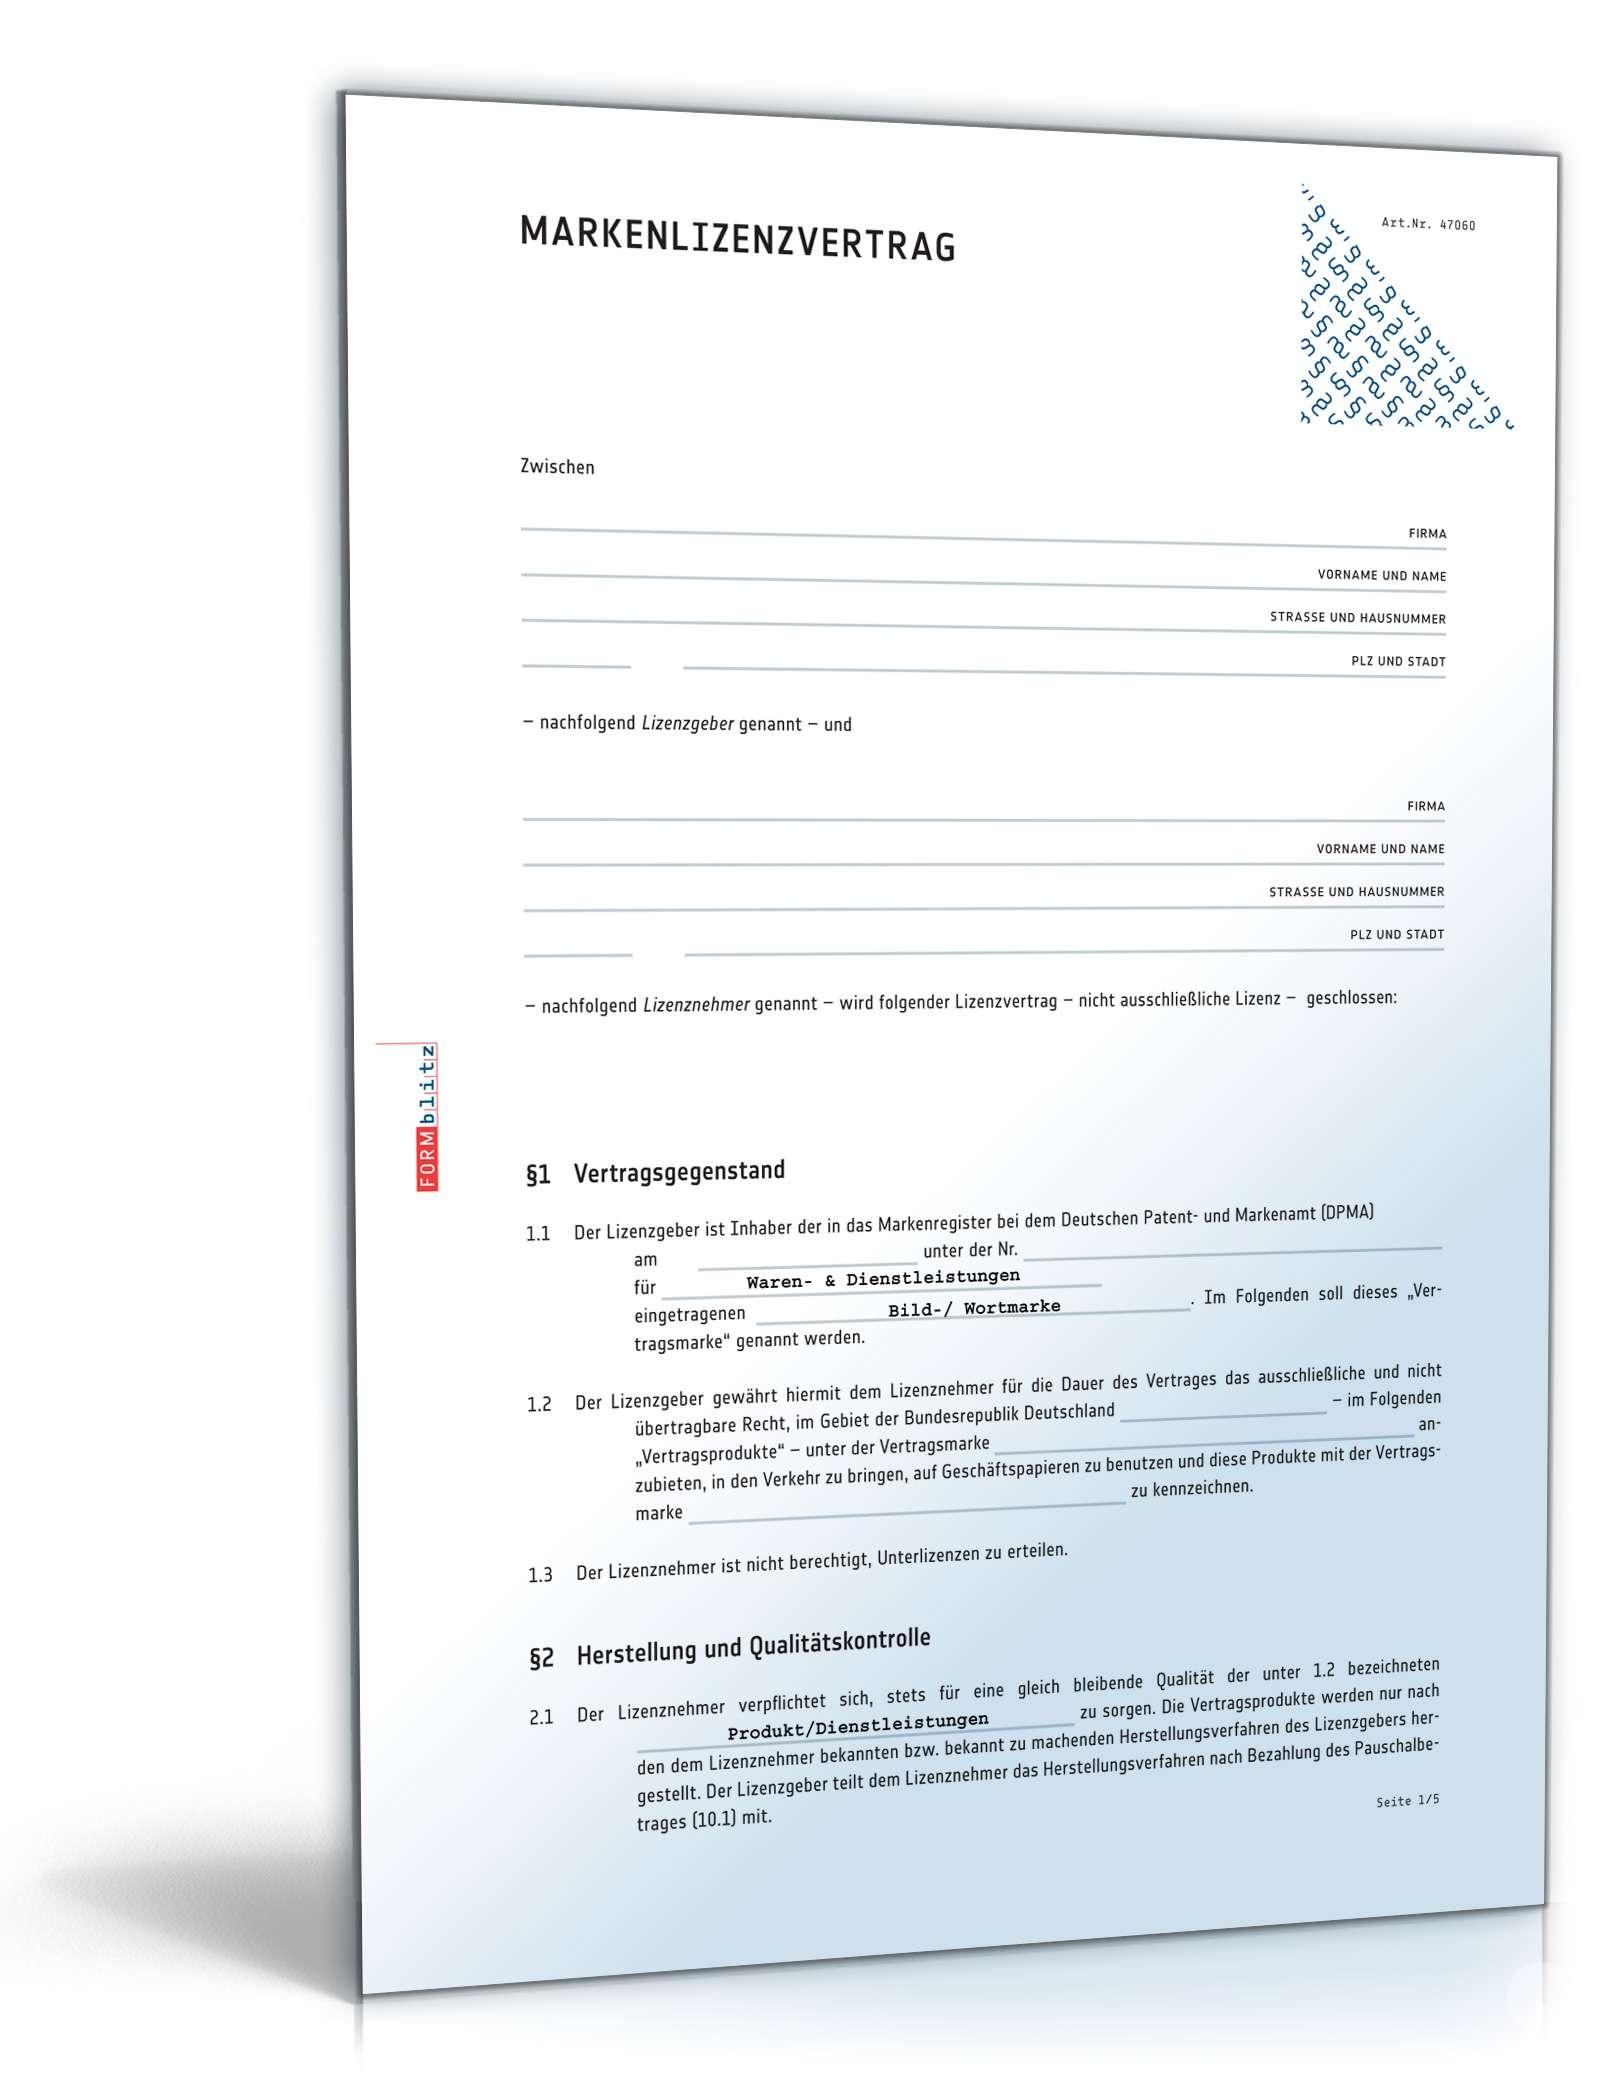 markenlizenzvertrag muster zum download - Lizenzvertrag Muster